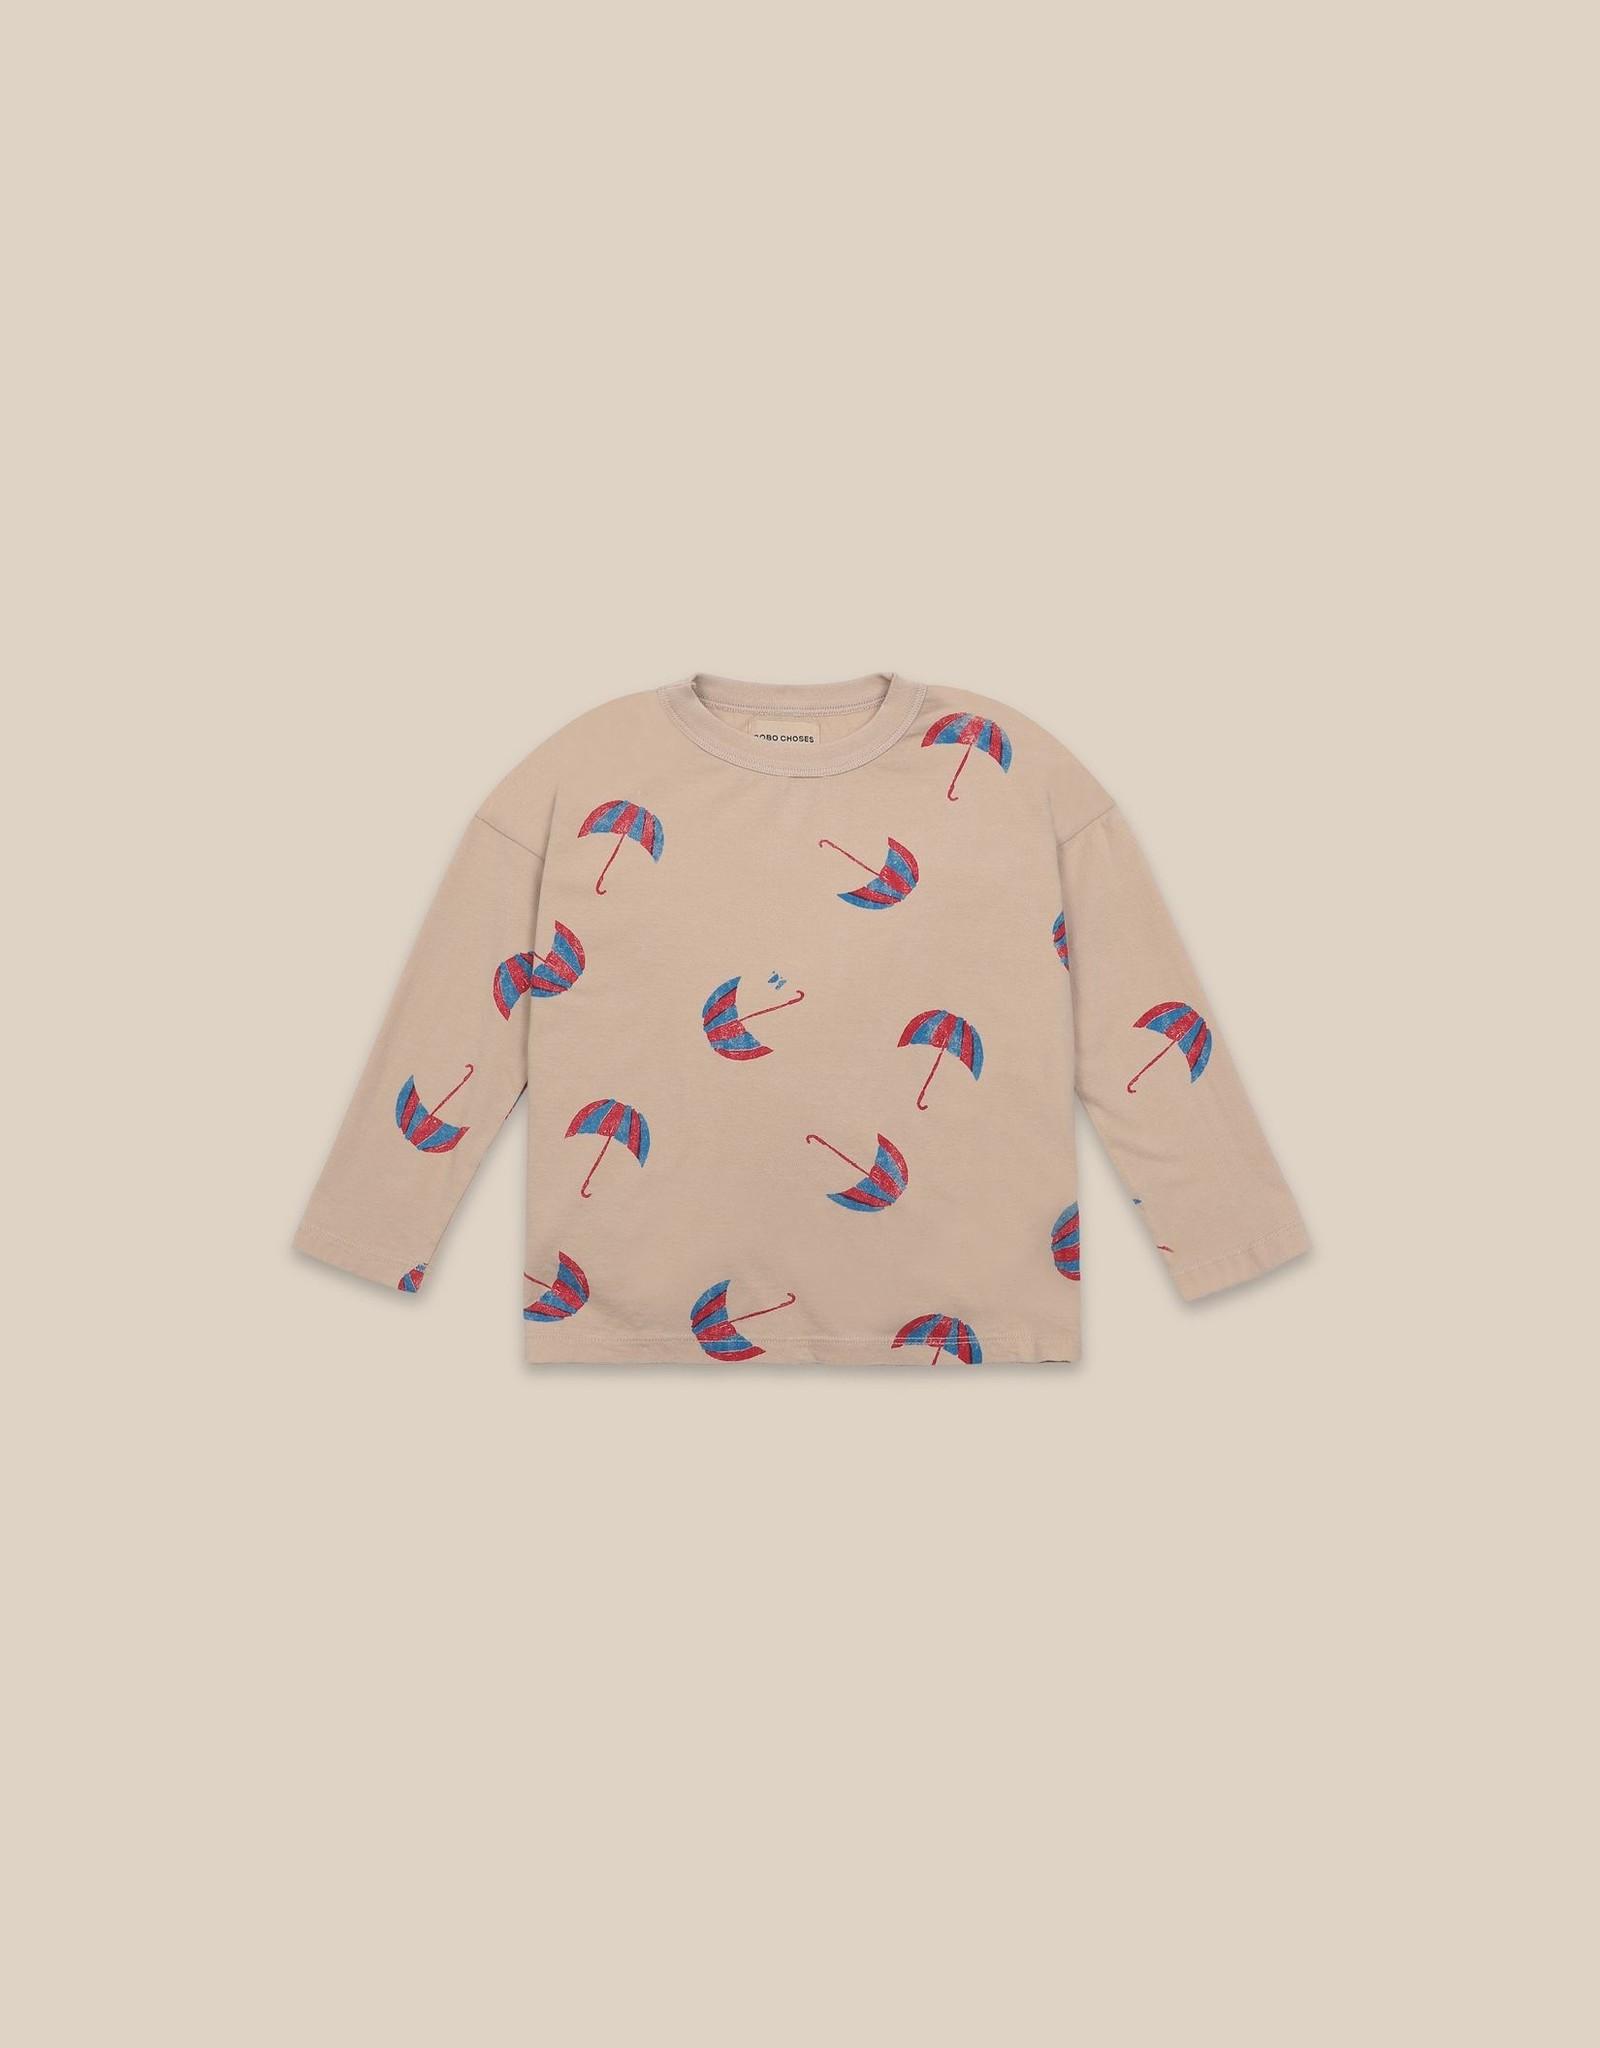 Bobo Choses - Umbrellas T-shirt